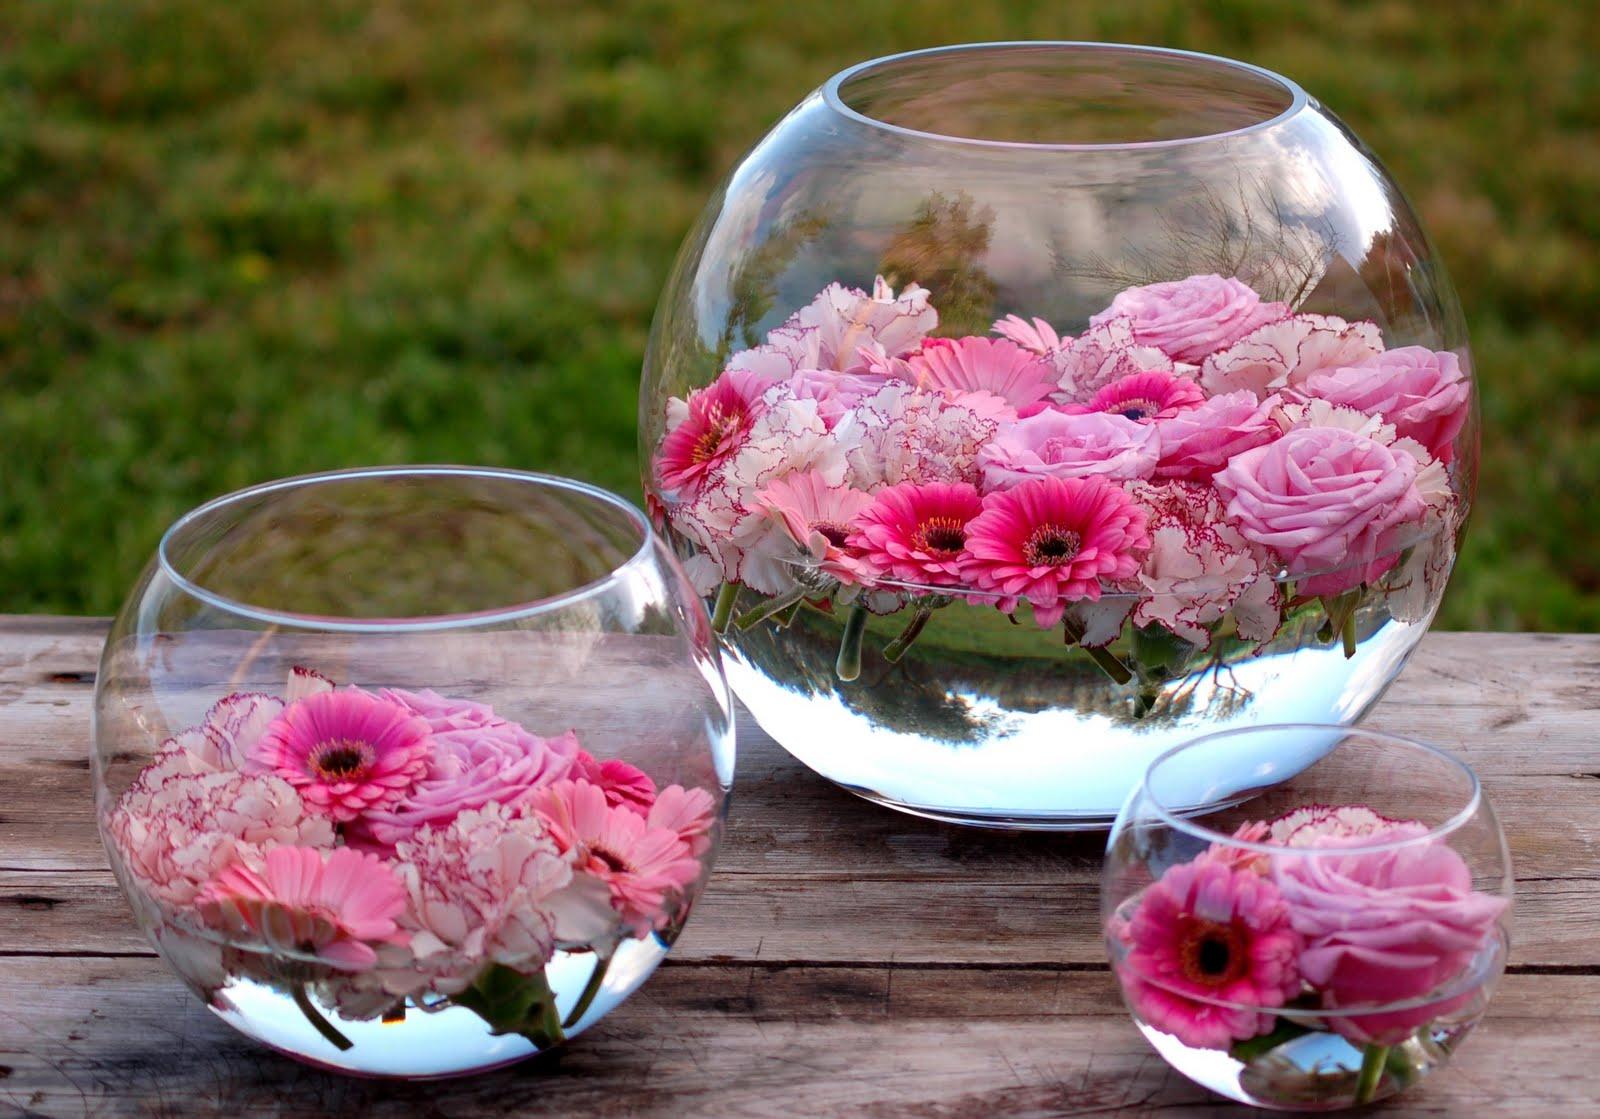 Peceras decorativas: Cactus, flores, pétalos. Un DIY de los más fáciles de realizar